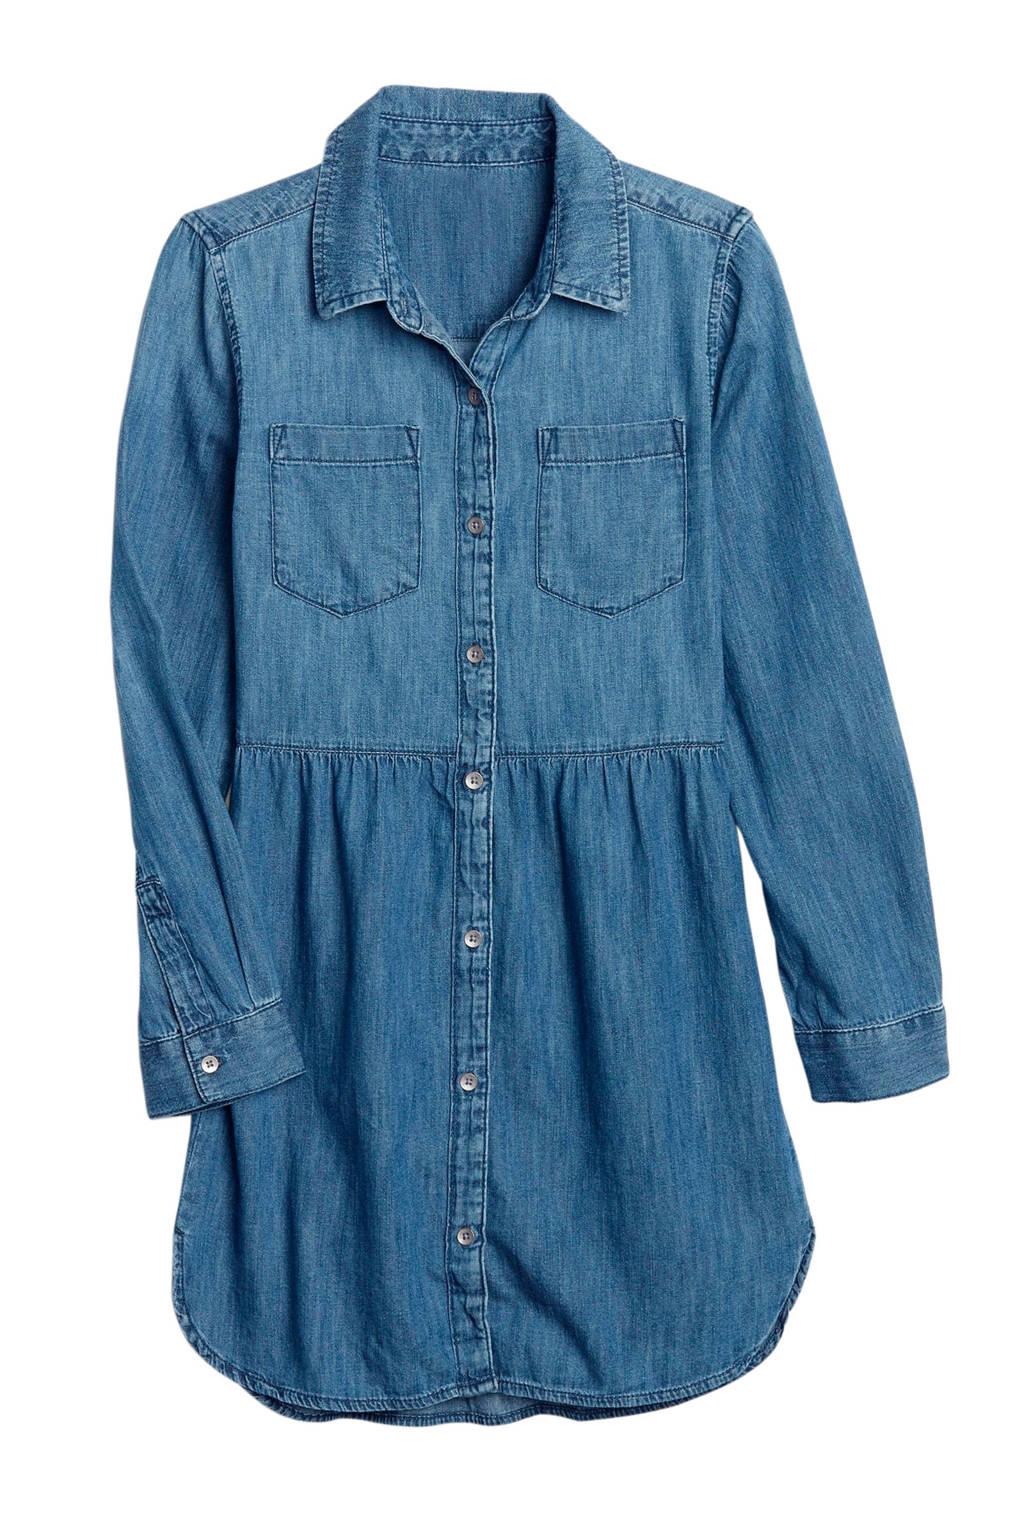 GAP spijker blousejurk blauw, Denim blauw